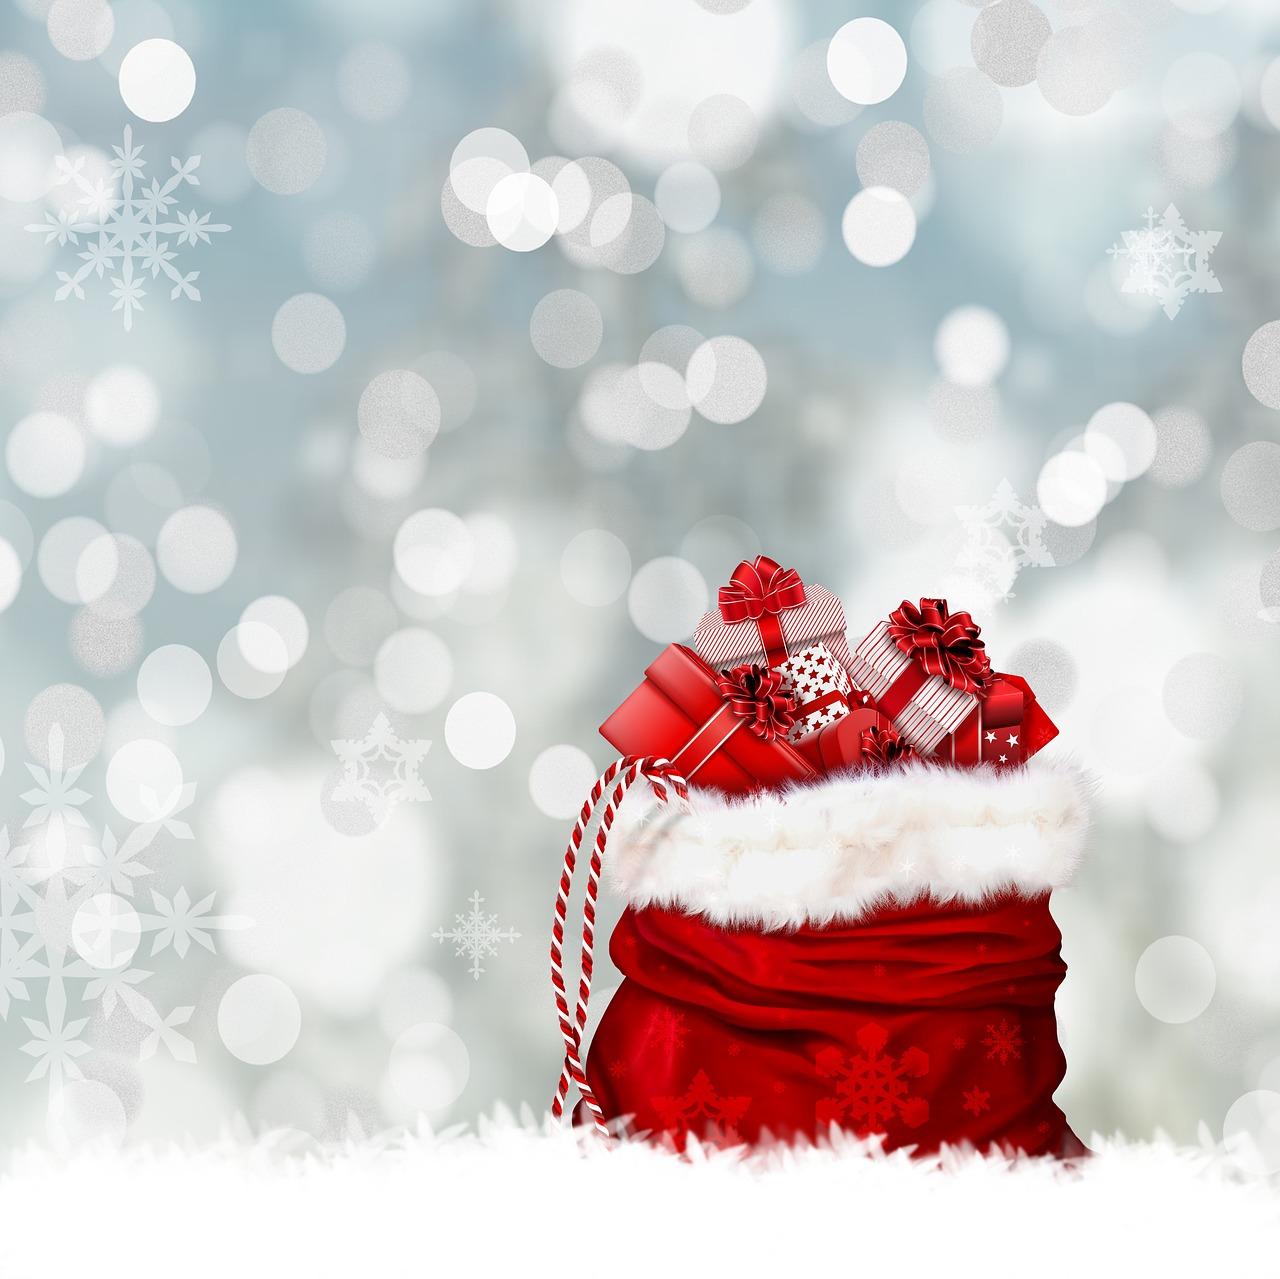 Vánoční tipy pro nerozhodné